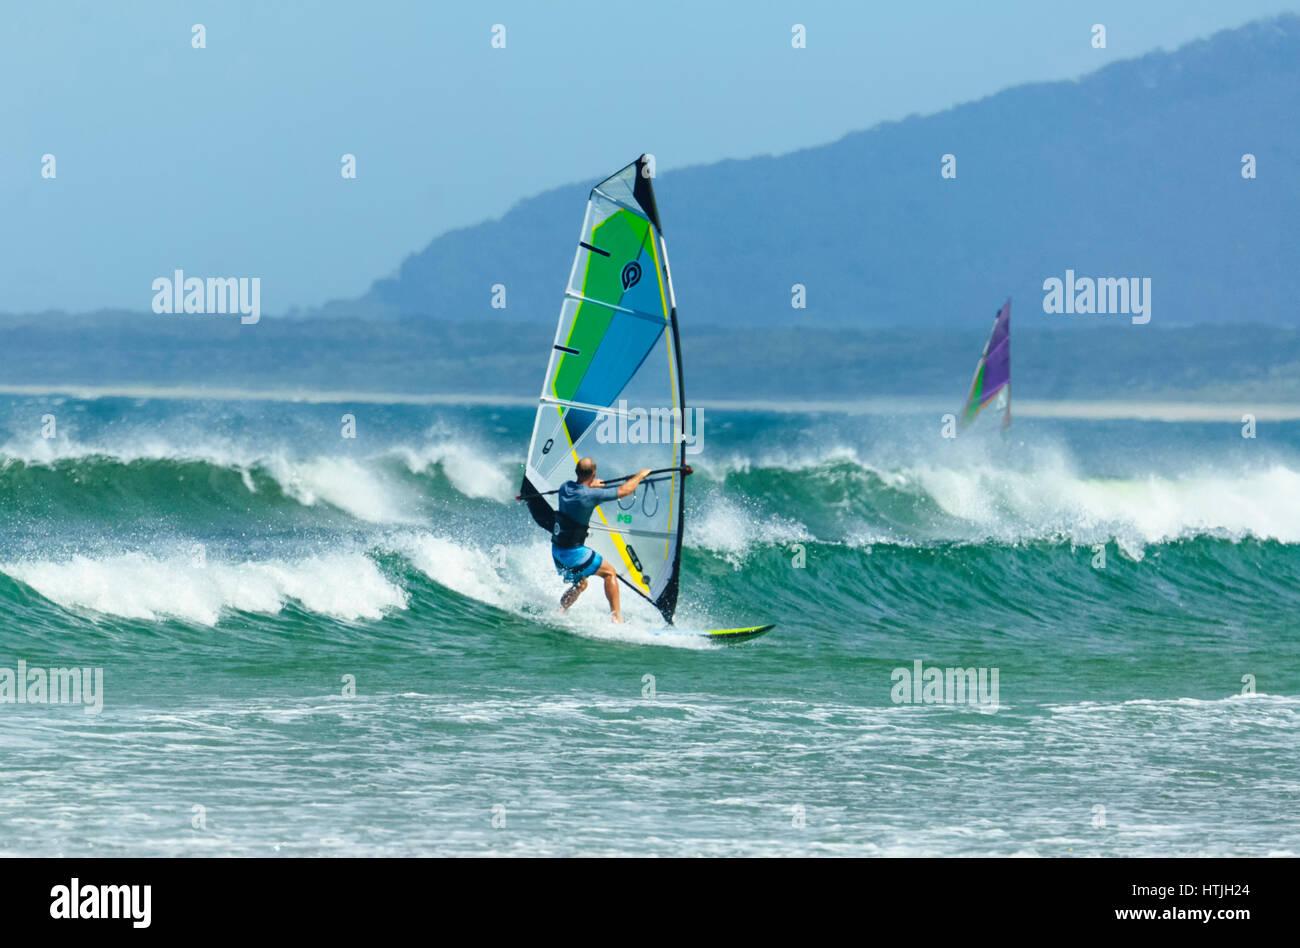 Windsurf surf in condizioni di mare grosso con grandi onde a Seven Mile Beach, Gerroa, Illawarra Costa, Nuovo Galles Immagini Stock